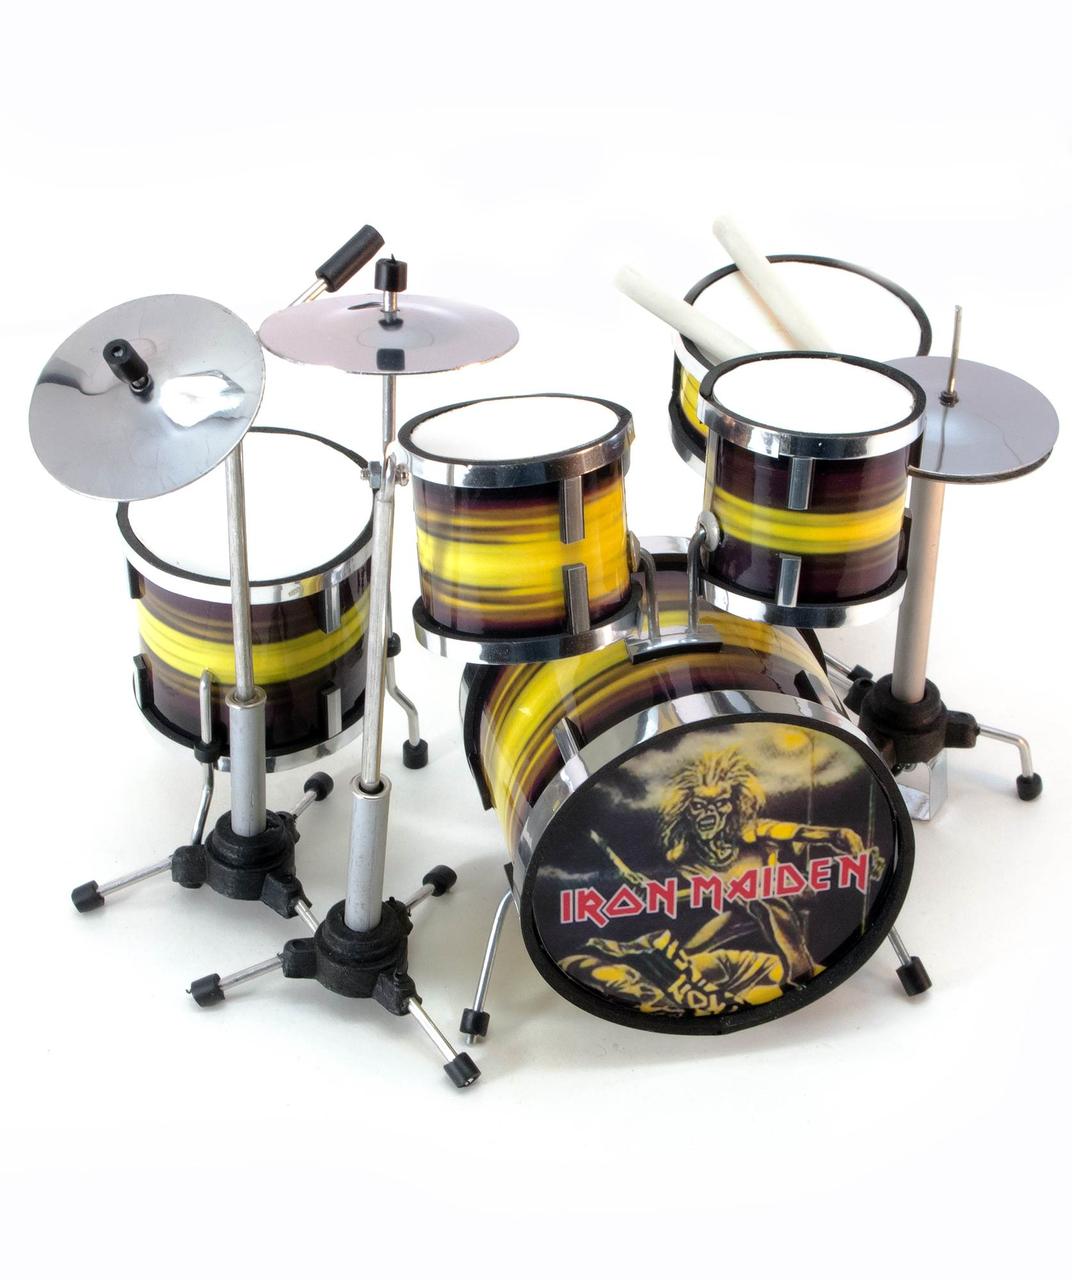 Барабанная установка Iron Maiden - Остров Сокровищ магазин подарков, сувениров и украшений в Киеве